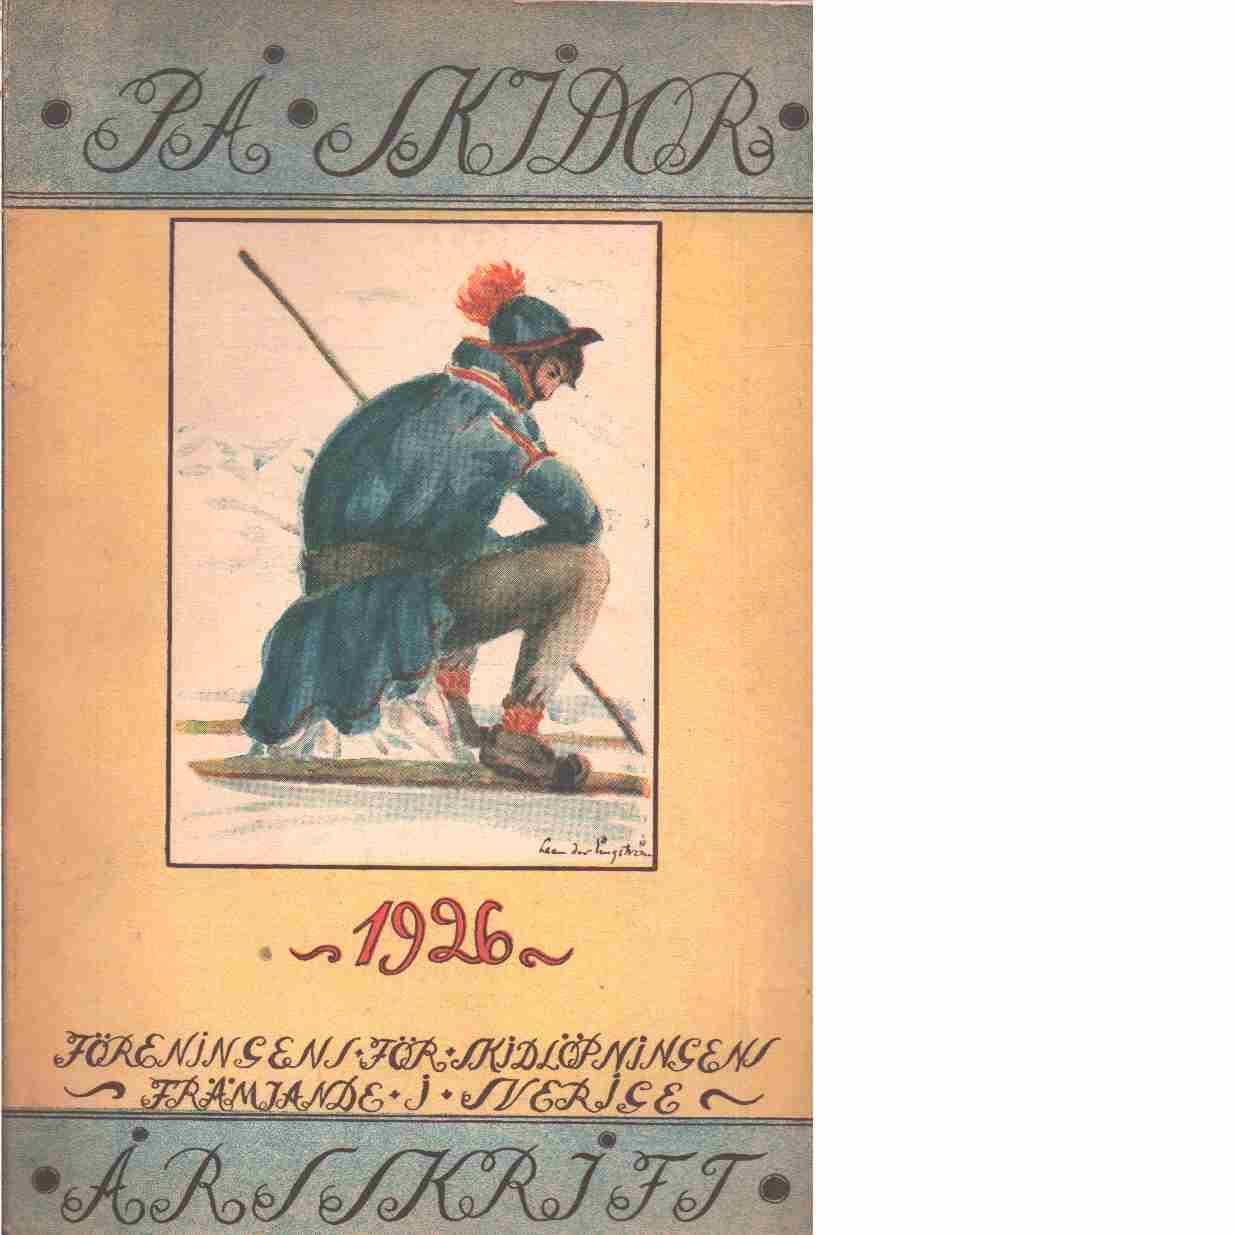 På skidor : Skid- och friluftsfrämjandets årsbok. Årsbok 1926 - Skid- och friluftsfrämjandet